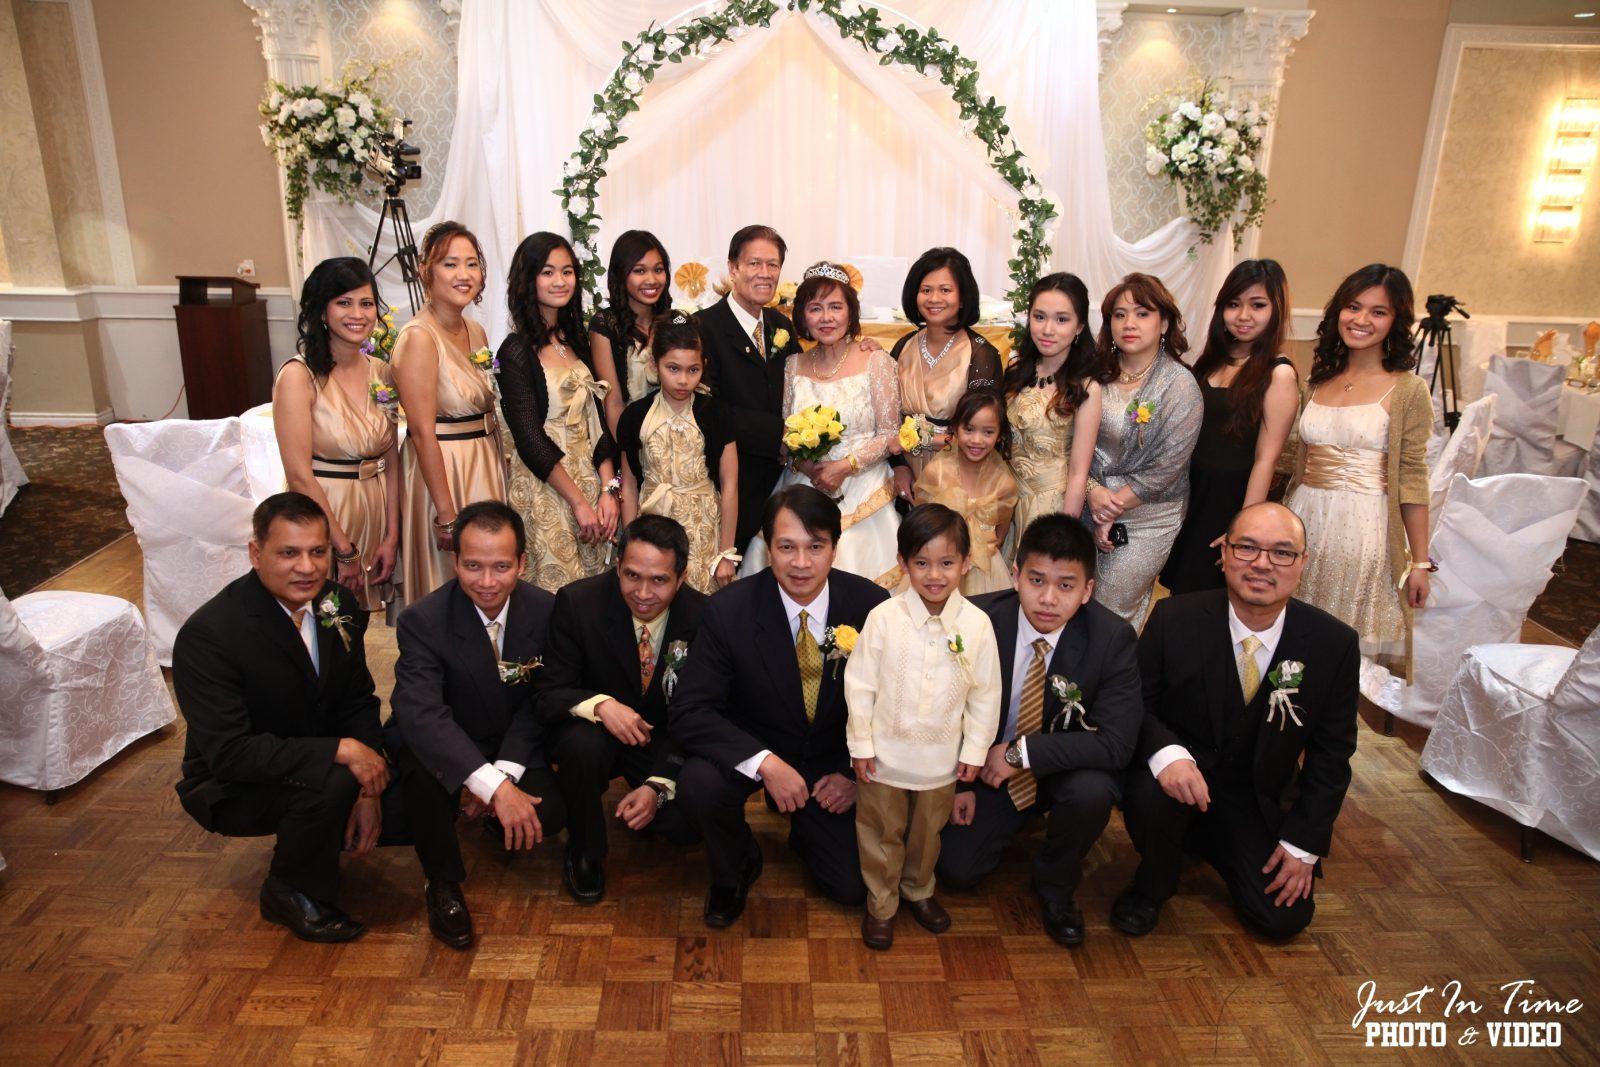 Frank and Olga Tan's family. Photo courtesy of Frank Tan.